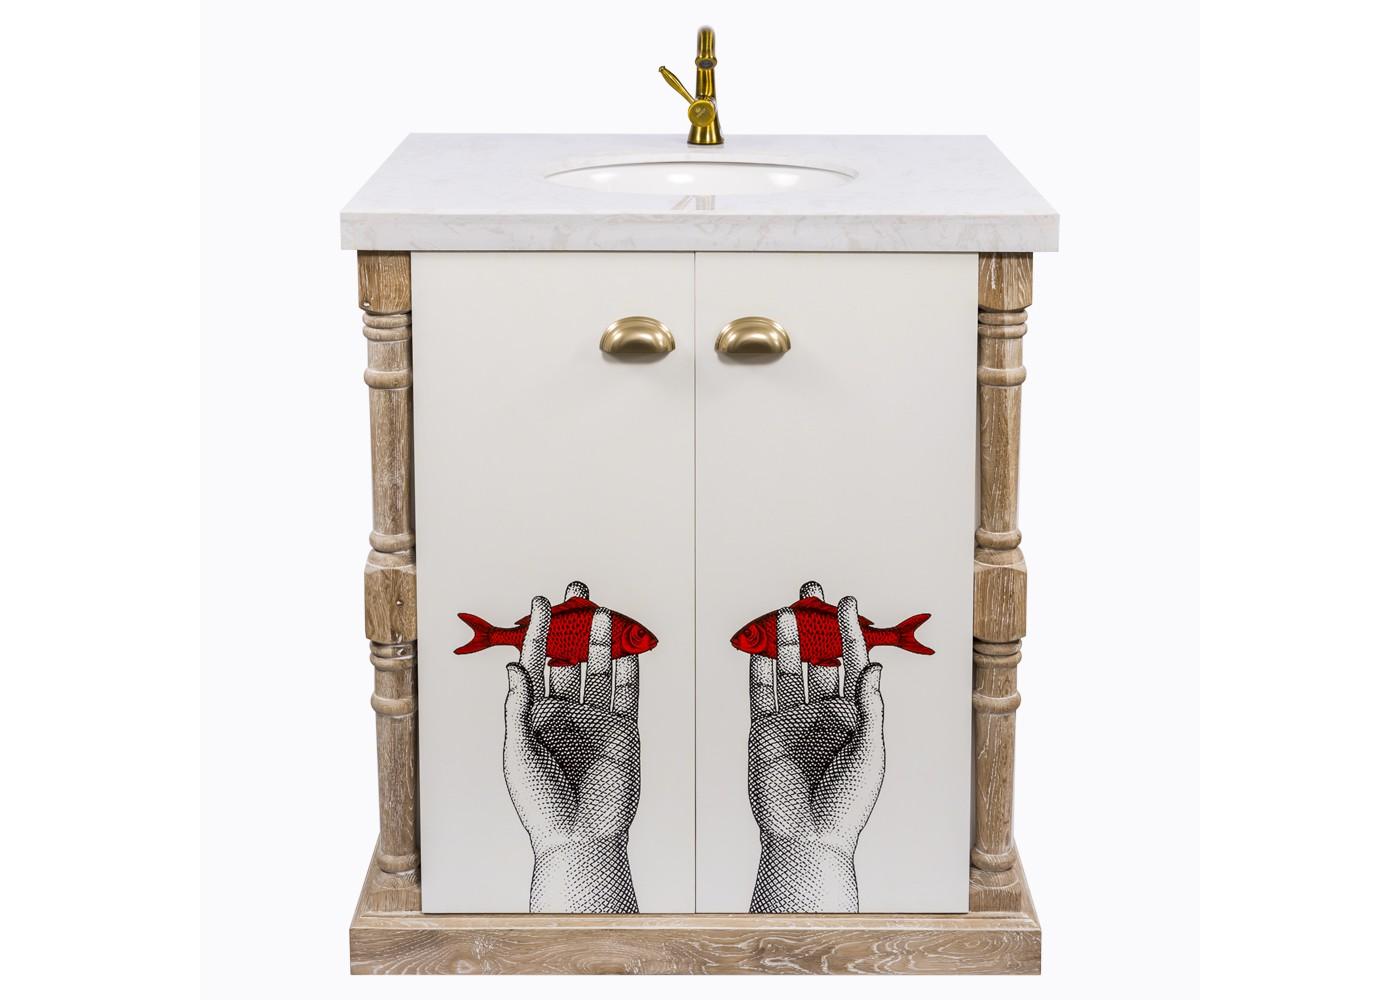 Тумба с раковиной Лина, версия ОкеанТумбы для ванной<br>Тумба для ванной комнаты &amp;quot;Океан&amp;quot; просторна, удобна, оригинальна и эстетична. Обладая широким бытовым и декоративным потенциалом, тумба устроит и практиков, и эстетов. Первым она предоставит идеальный органайзер, умещающий полный комплект парфюмерных и гигиенических средств. Вторые сочтут тумбу за арт-объект, возвышающий интерьер ослепительной свежестью и салонным глянцем.  Тумба &amp;quot;Океан&amp;quot; - эталон интерьерной эклектики, гармонично совместившей массу диаметральных жанров и эпох: французский дворцовый классицизм, английский стиль, &amp;quot;модерн&amp;quot;, &amp;quot;прованс&amp;quot;, &amp;quot;поп-арт&amp;quot;.<br>Помимо дизайнерских достоинств, мебель для ванной комнаты важна прочностью, влагостойкостью и гигиеничностью. Этим важным практическим параметрам полностью отвечает тумба, выполненная из натурального дуба, керамики и мрамора. Важным достоинством древесины дуба является его стойкость к влаге. Недаром эту породу издавна использовали для постройки судов. Природная фактура натурального дерева акцентирована уютной светлой патиной.<br>Ручная работа одухотворяет предметы мебели, вносит эмоции тепла и персональной заботы.<br>Удобством столешницы является прорезь для одного крана (в комплект не входит)<br>Не упустите случая обладания уникальной дизайнерской мебелью. Версия &amp;quot;Океан&amp;quot; выпущена лимитированными экземплярами.<br>&amp;lt;div&amp;gt;&amp;lt;br&amp;gt;&amp;lt;/div&amp;gt;&amp;lt;div&amp;gt;Материал: мрамор, керамика&amp;lt;br&amp;gt;&amp;lt;/div&amp;gt;<br><br>Material: Дуб<br>Width см: 80<br>Depth см: 60<br>Height см: 90